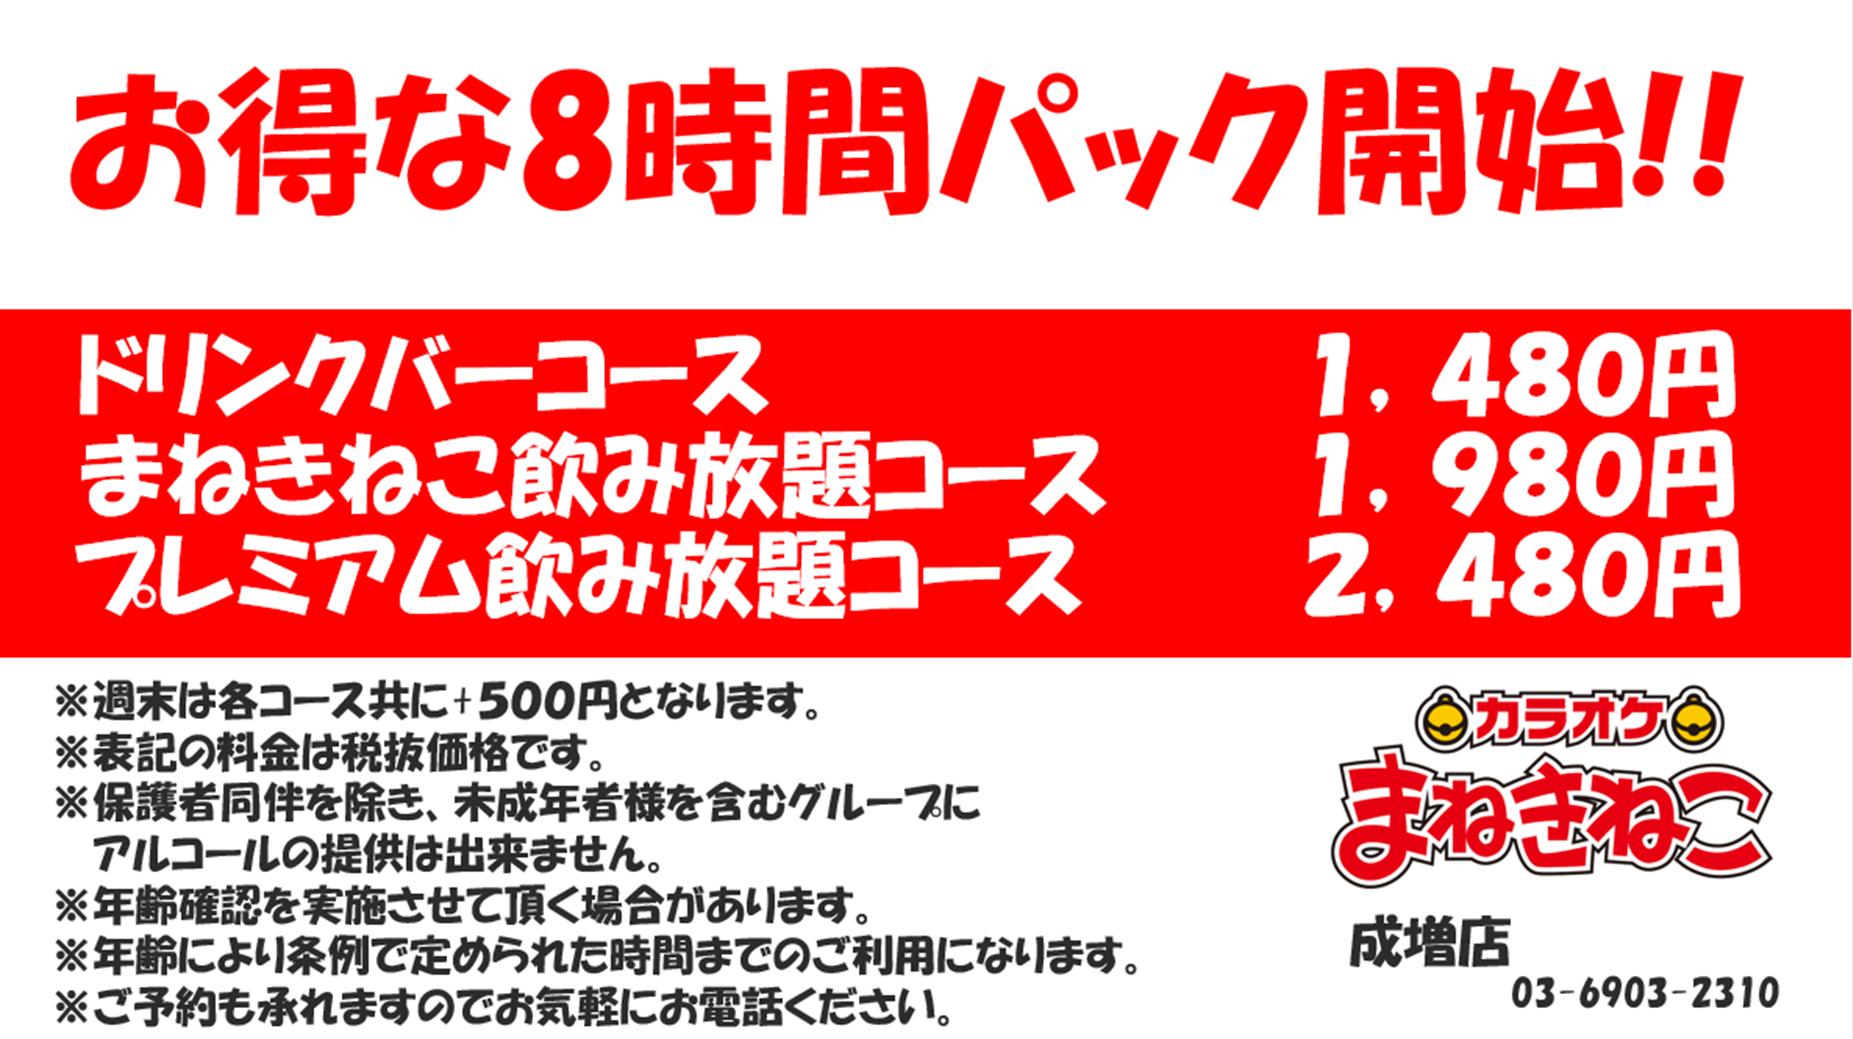 カラオケまねきねこの《成増店限定》8時間パック開始!!のキャンペーン・フェアの詳細